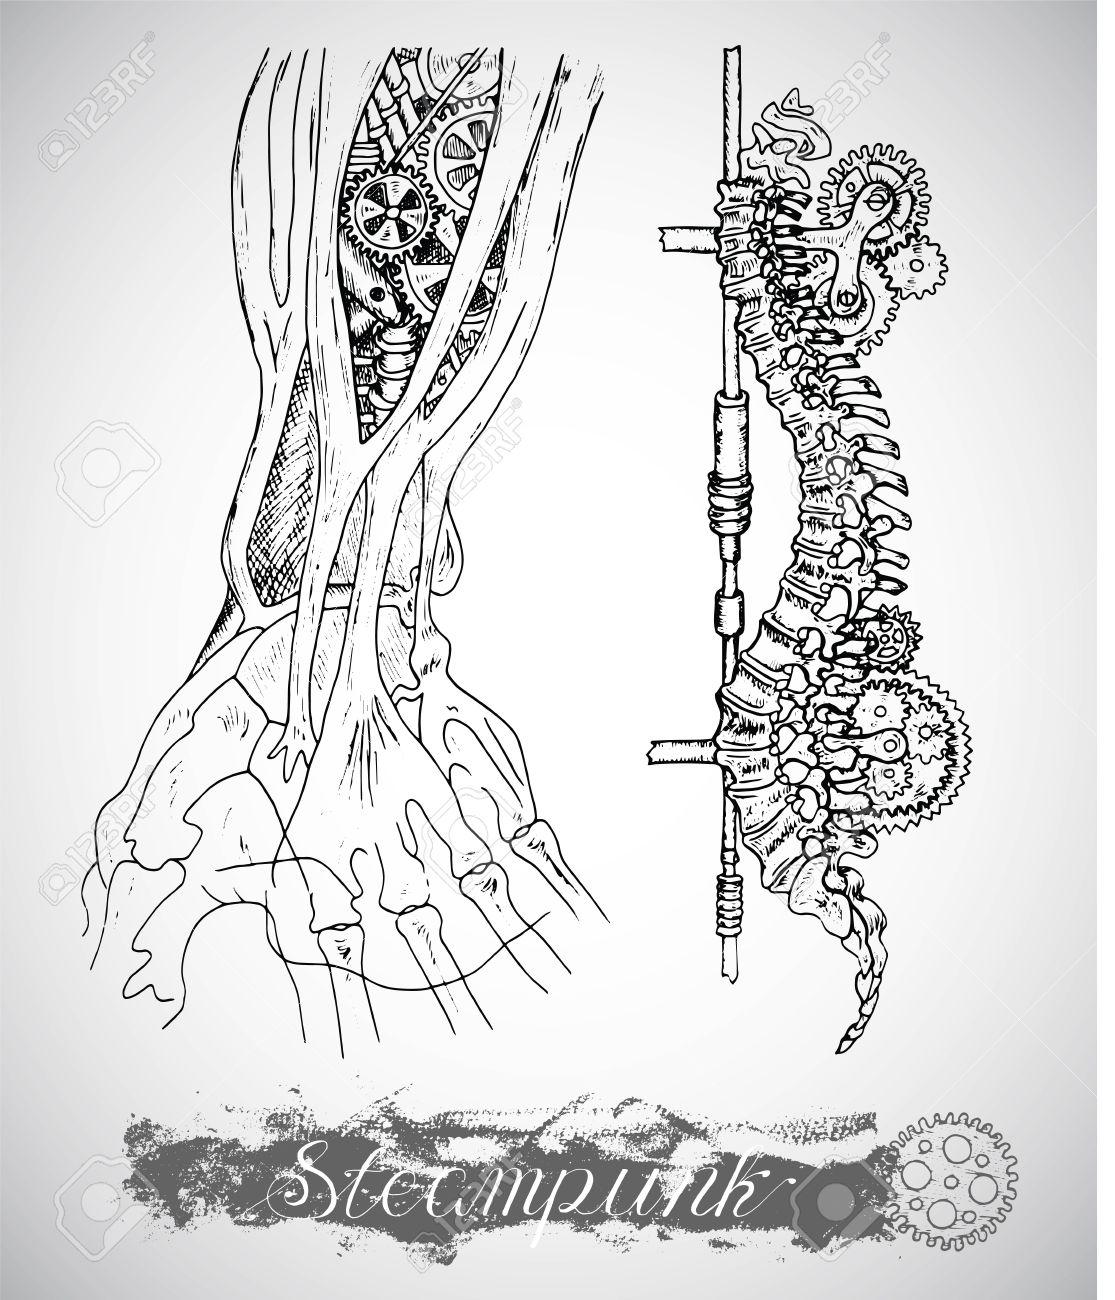 Anatomie Des Menschen Hand Und Rückgrat Mit Vintage-Mechanismus In ...